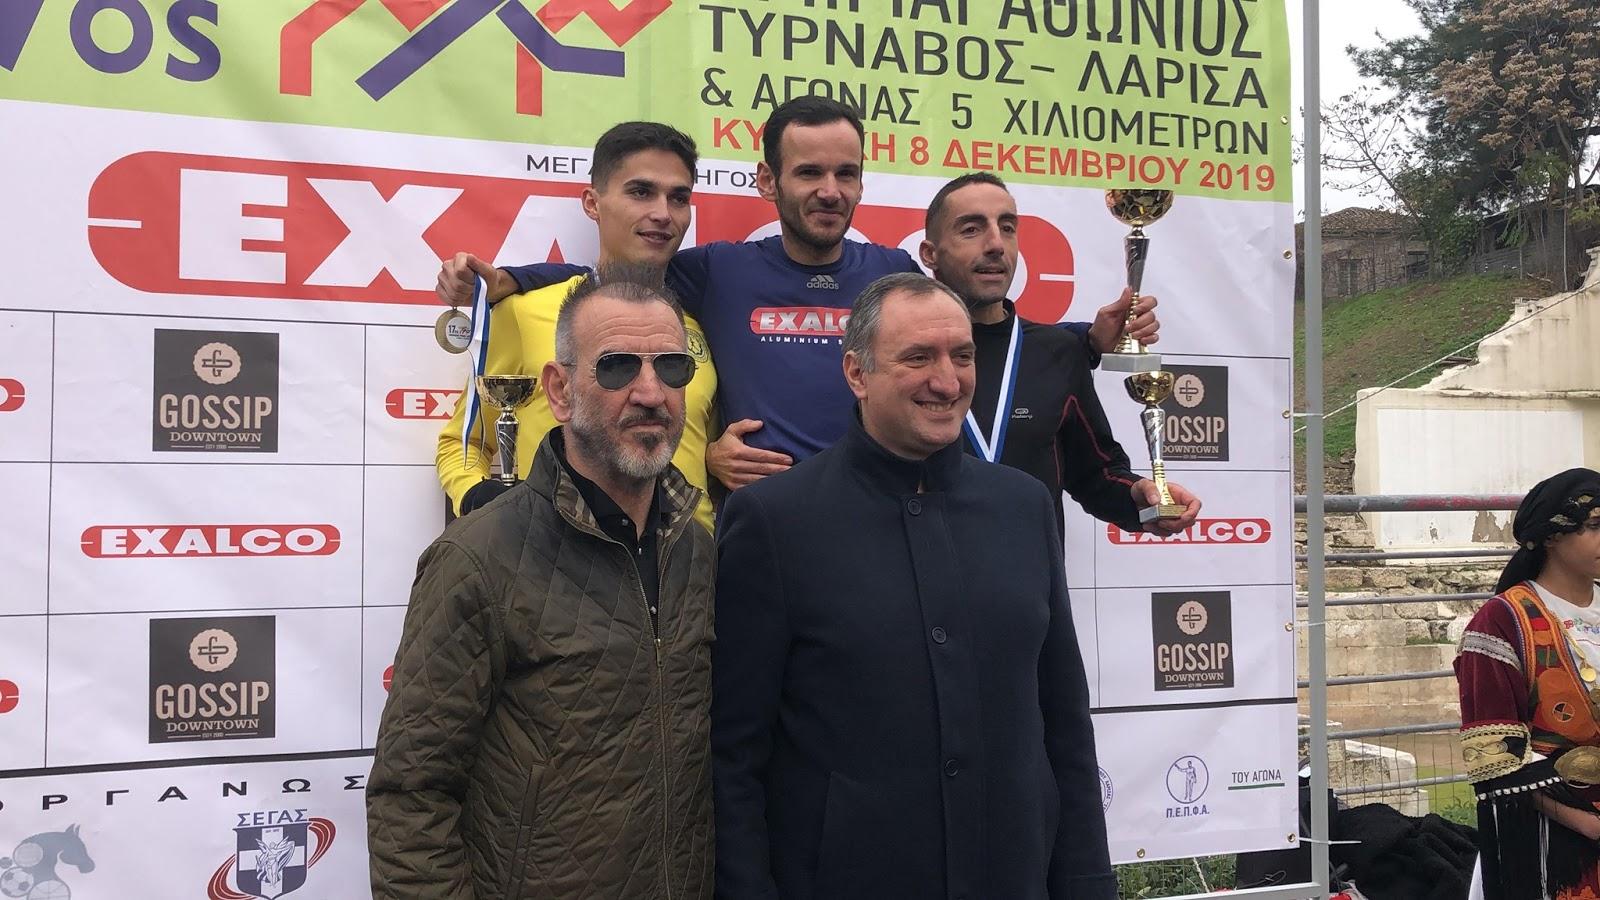 Με επιτυχία ολοκληρώθηκε ο ημιμαραθώνιος Τύρναβος – Λάρισα (ΦΩΤΟ-VIDEO)